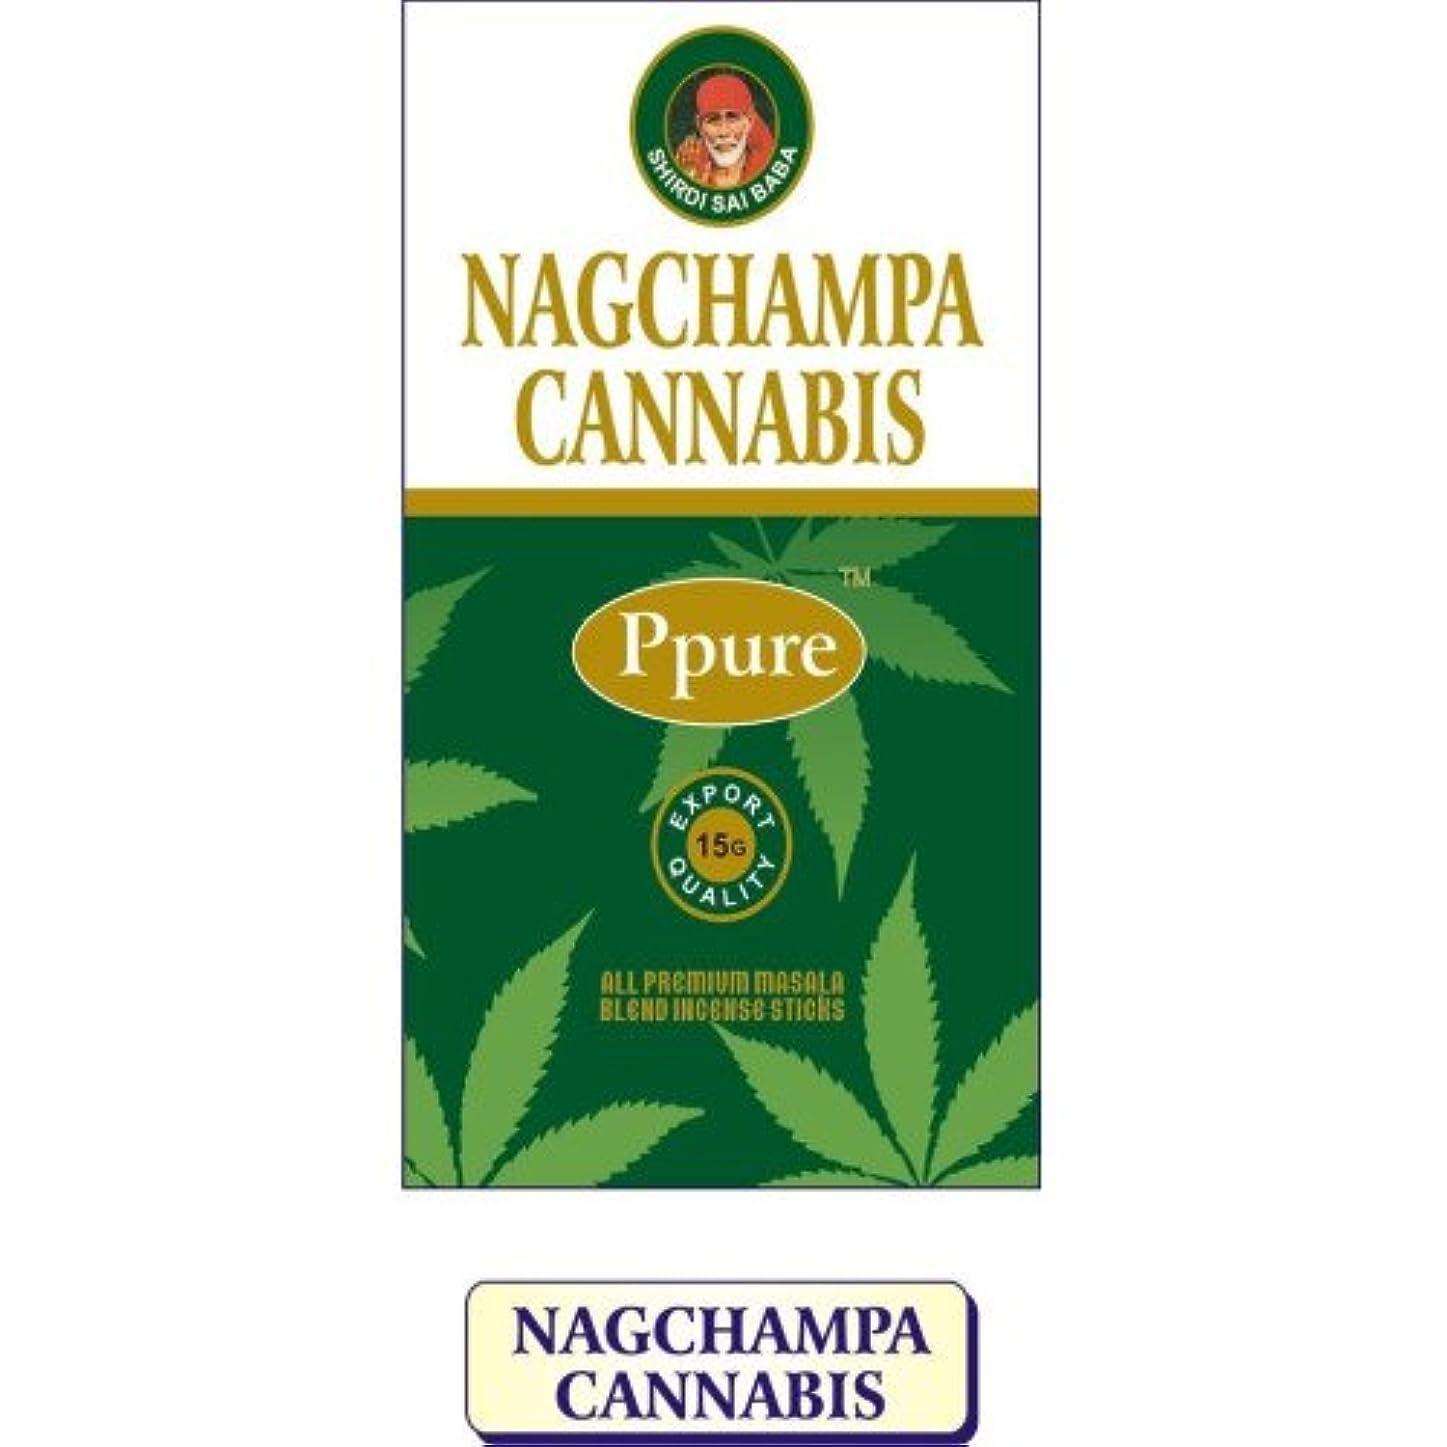 裁判官加入バスルームPpure Nag Champa Cannabis PerfumeプレミアムMasala Incense Sticks 15グラム